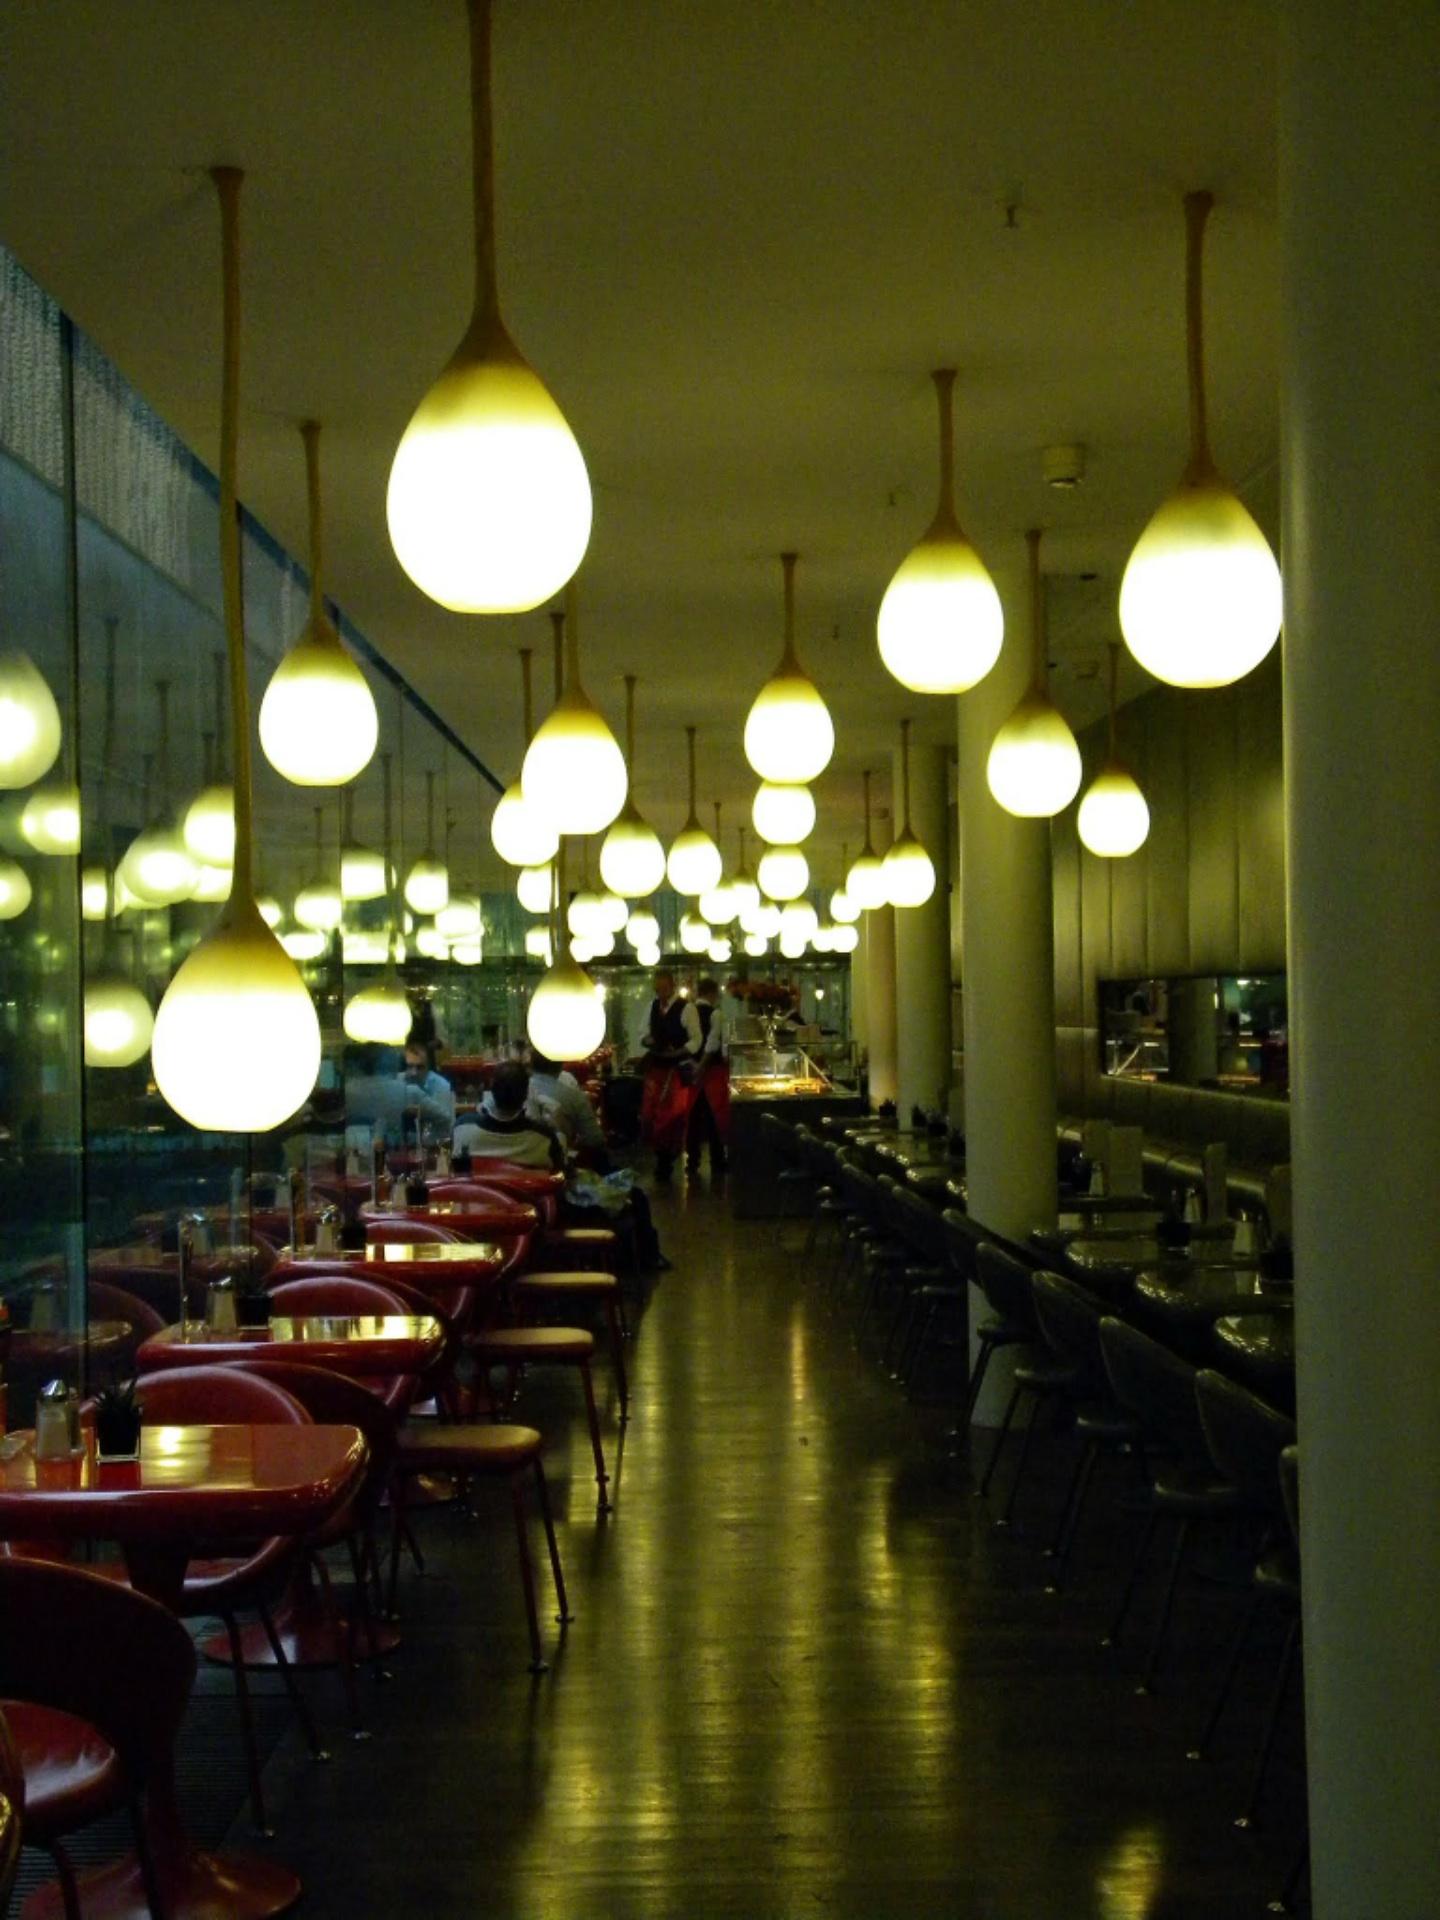 kostenlose foto licht nacht restaurant bar. Black Bedroom Furniture Sets. Home Design Ideas